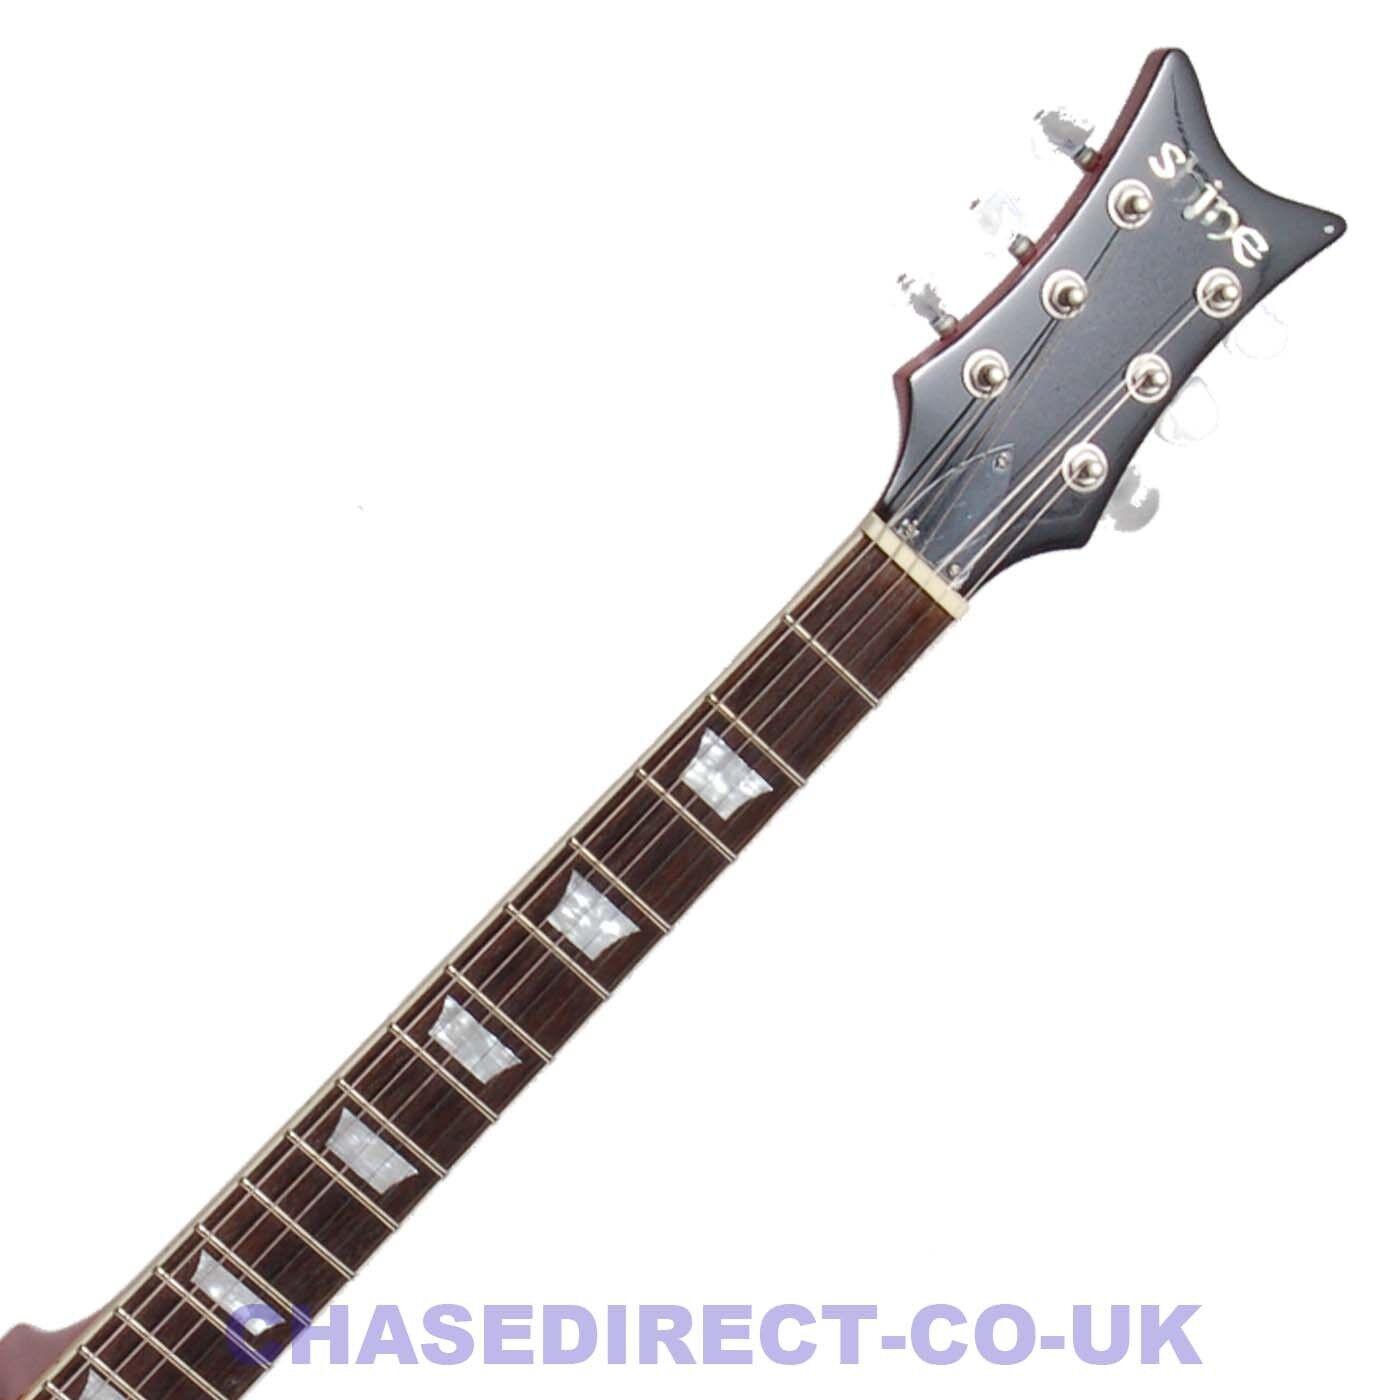 Shine Semi-Acústica Guitarra Eléctrica SI840FVS fhole fhole fhole Single Cutaway Sunburst 335 S 028d59